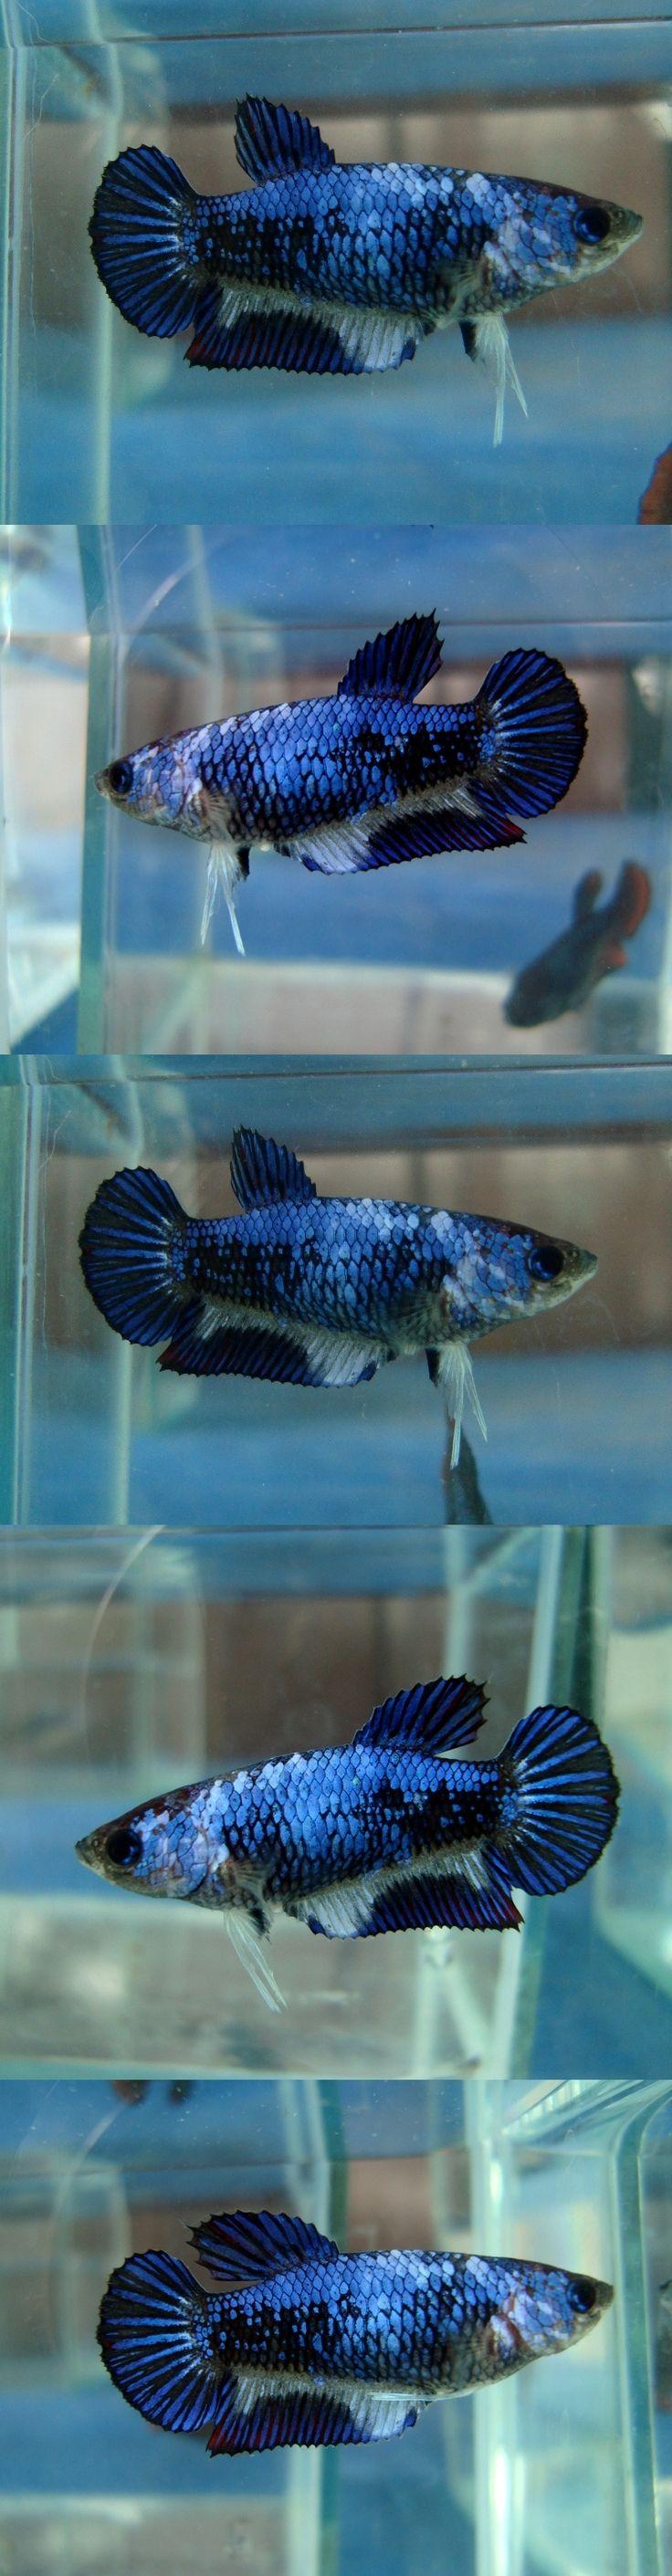 4230 best Aquariums images on Pinterest